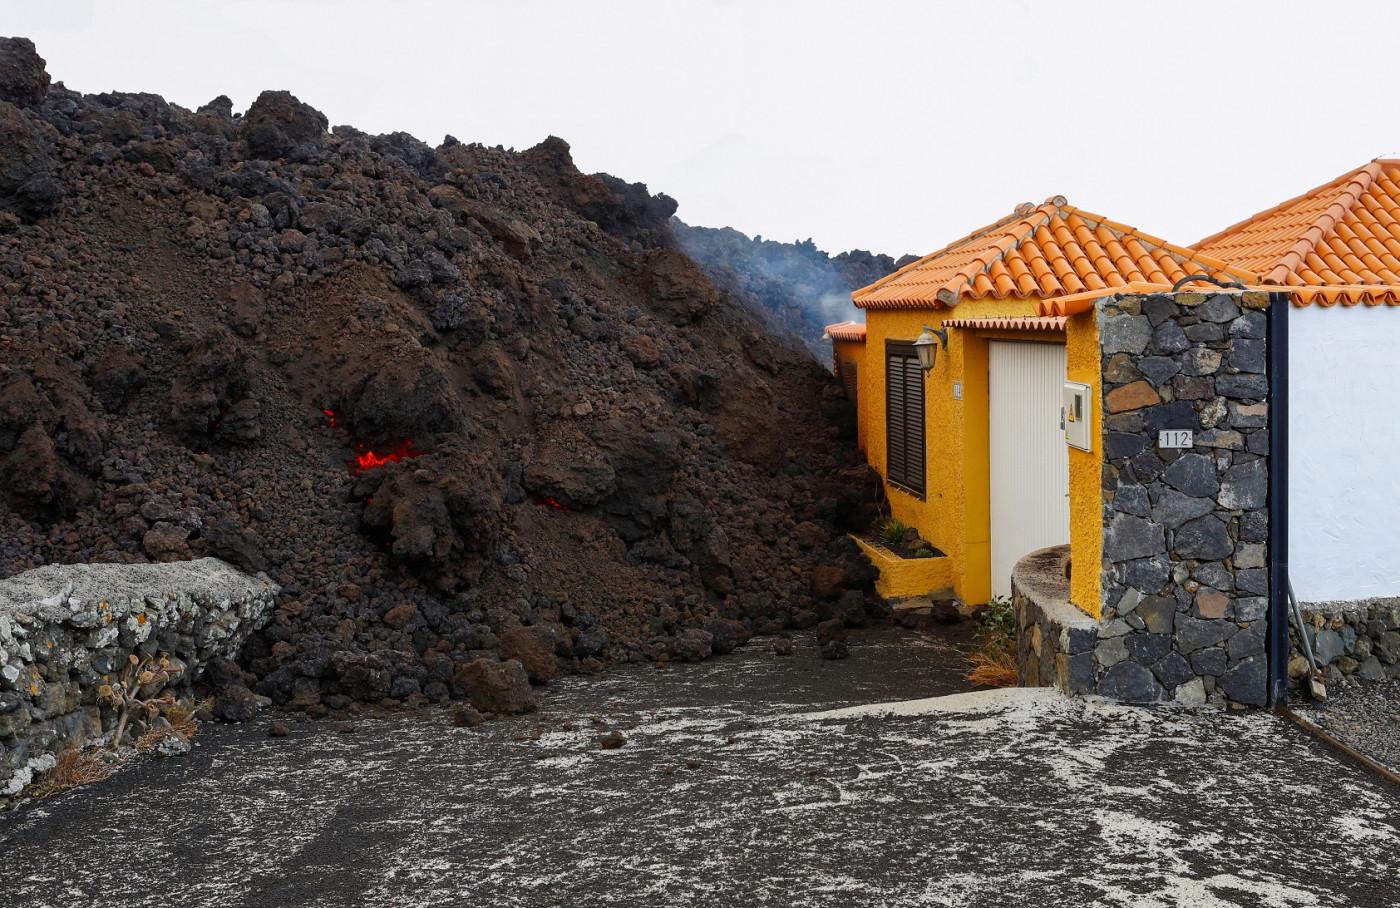 Casas na região de Cabeza de Vaca, onde fica localizado o vulcão Cumbre Vieja, foram incendiadas pela lava